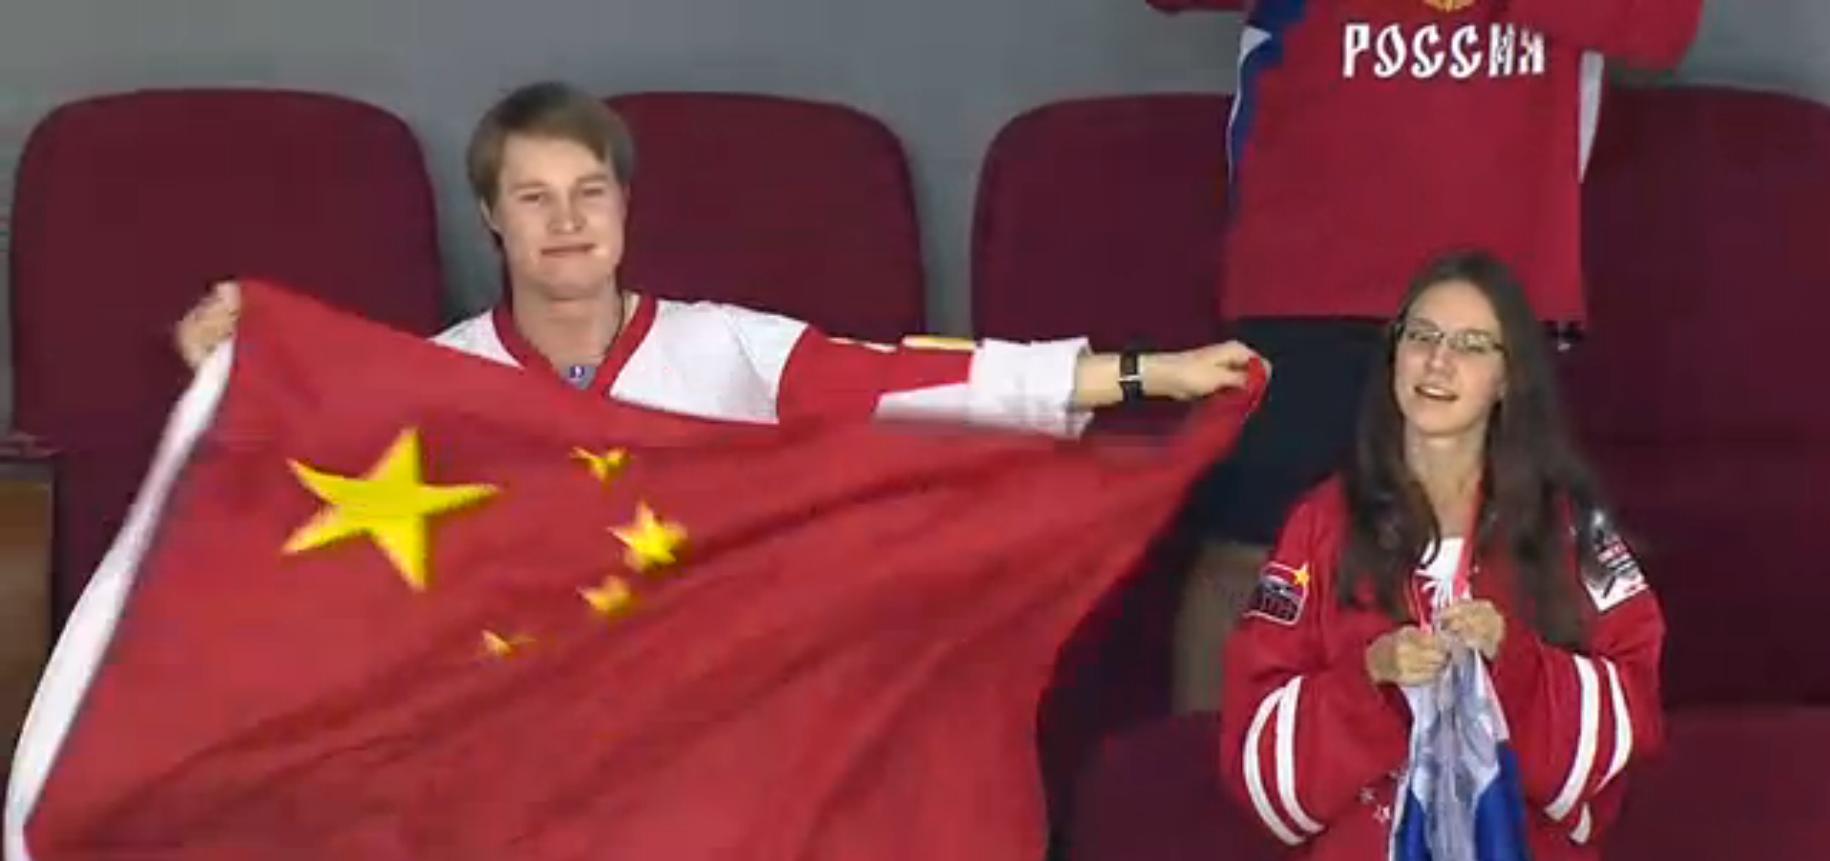 Болельщик россии держит флаг китая